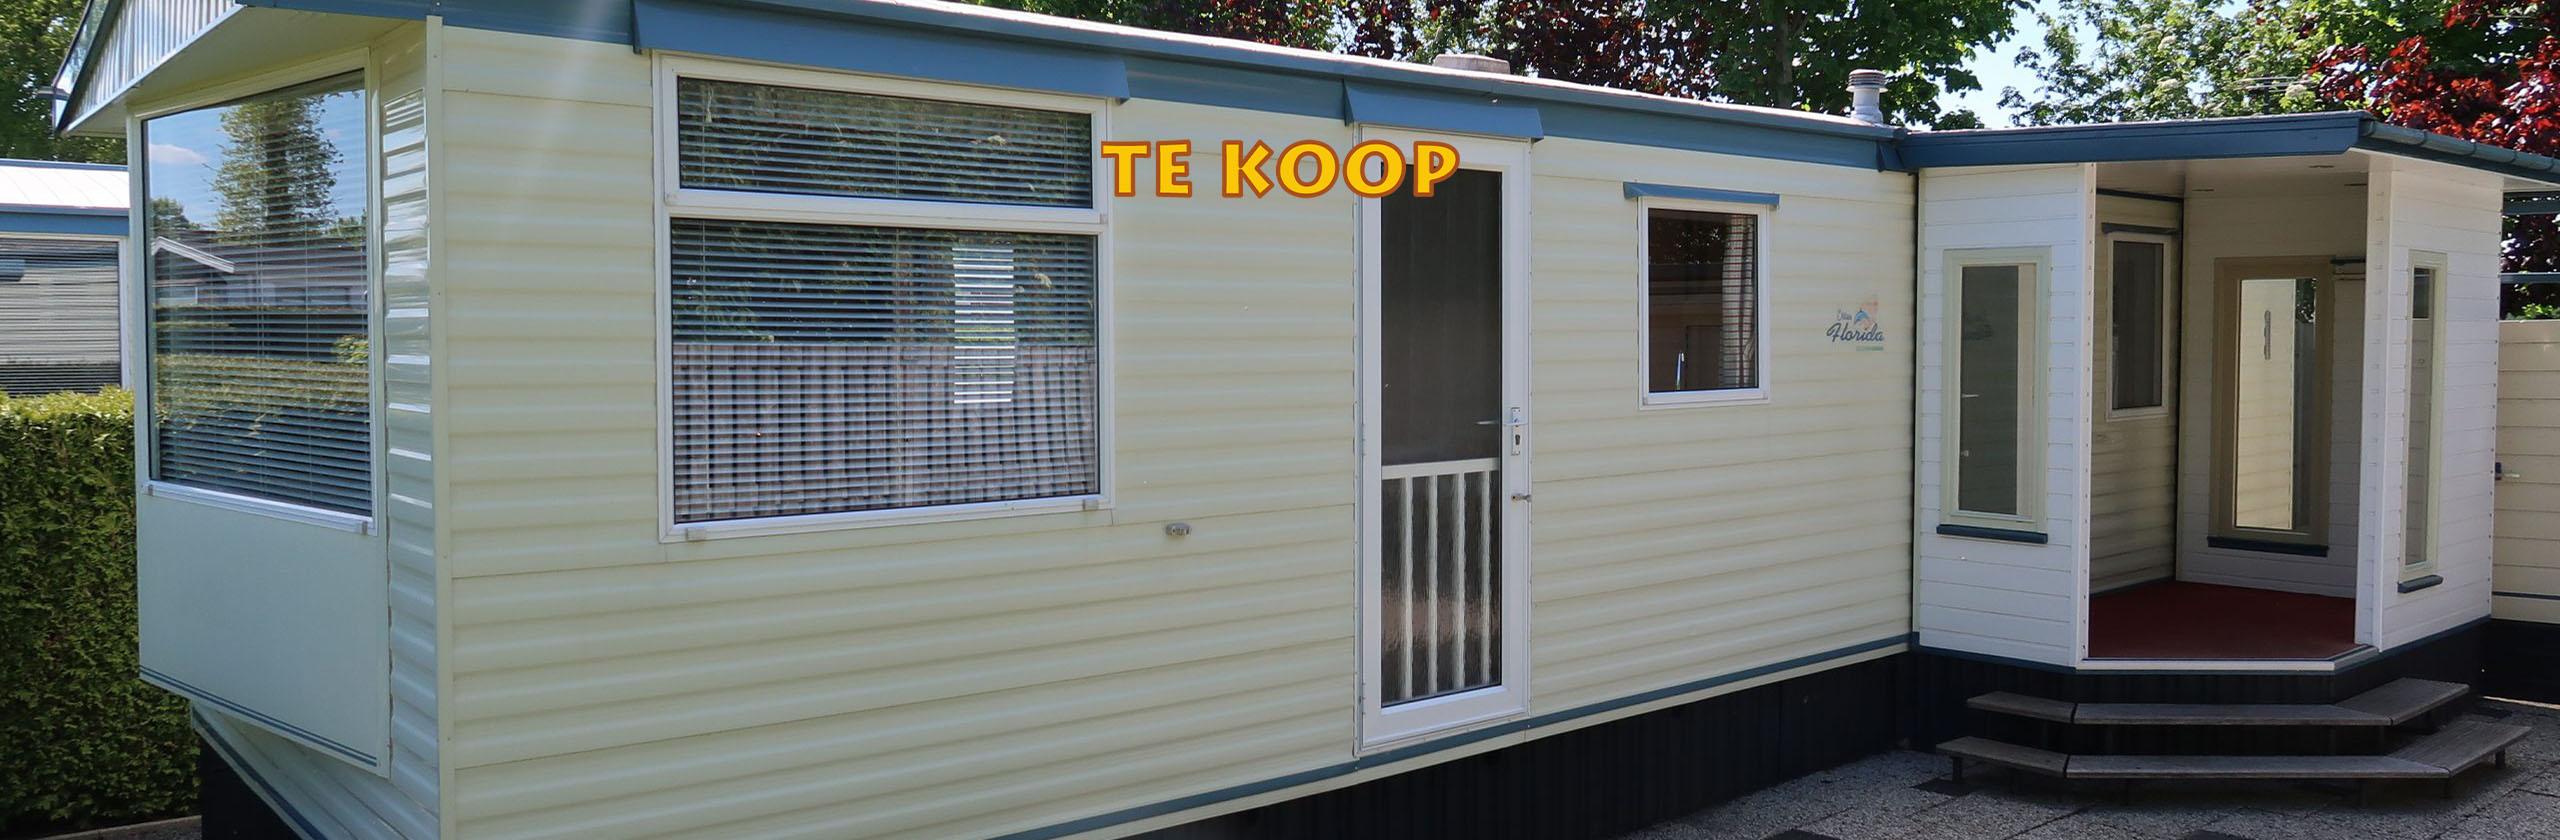 Website_Header_Camping-Groot-Grobbenhorst-Te-koop